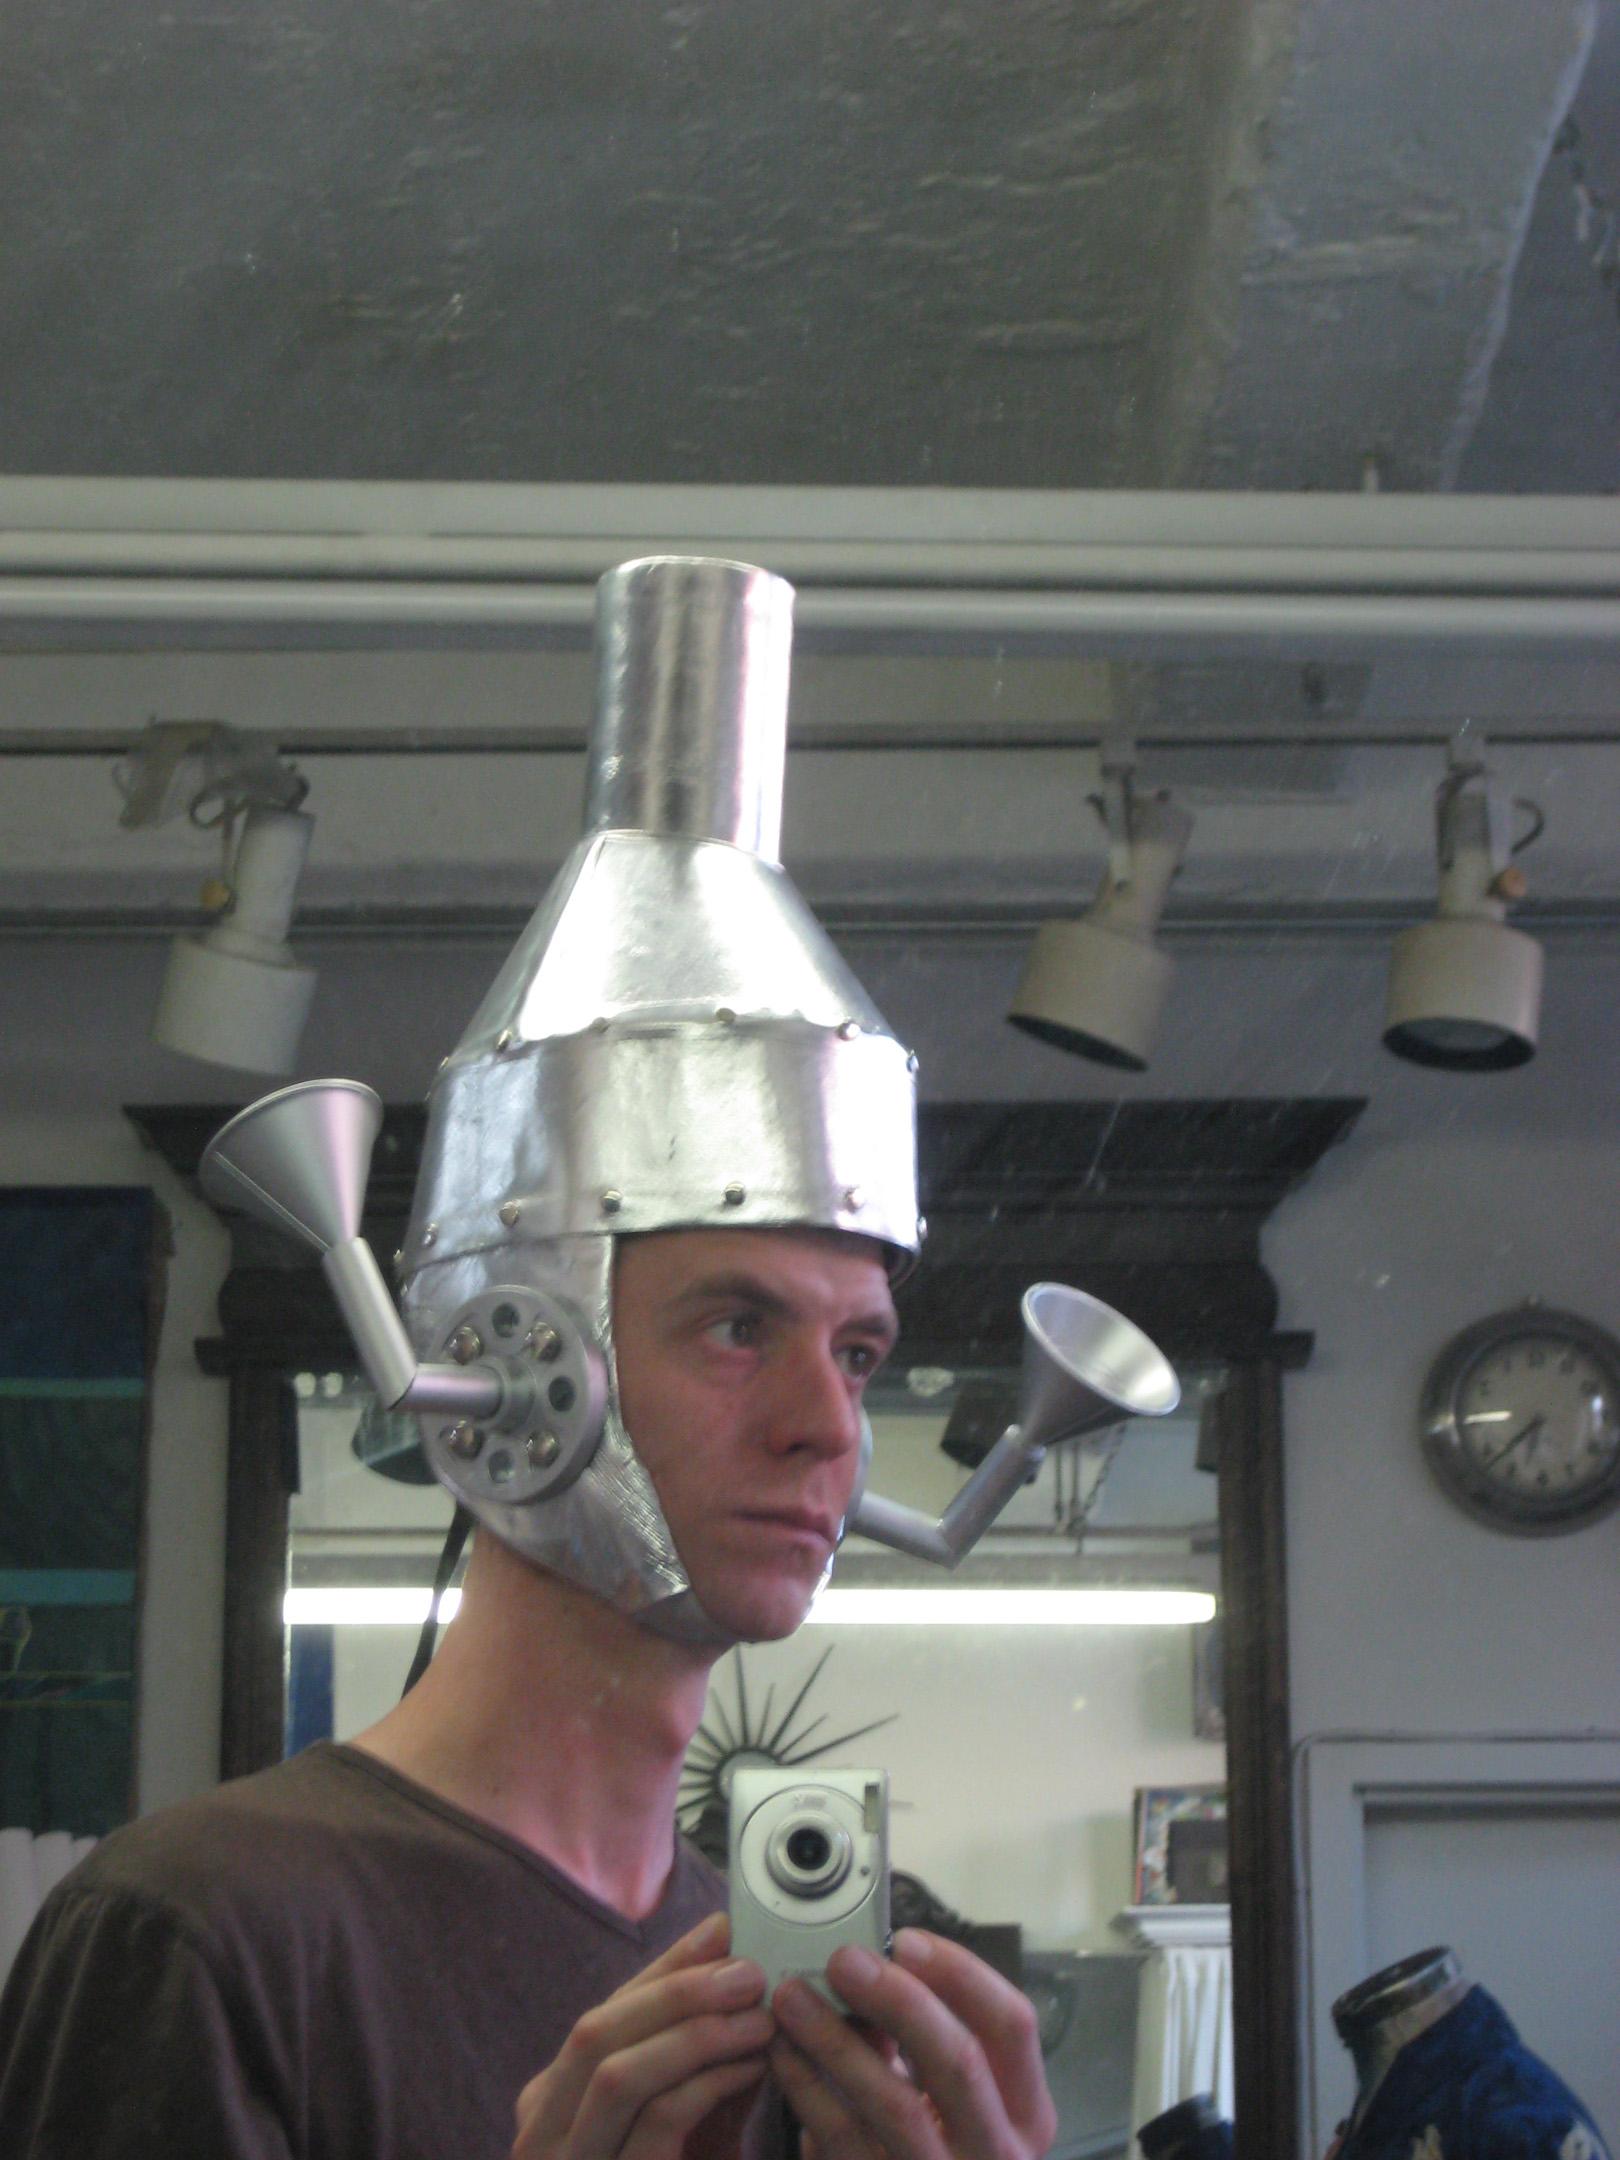 Tin Man Helmet